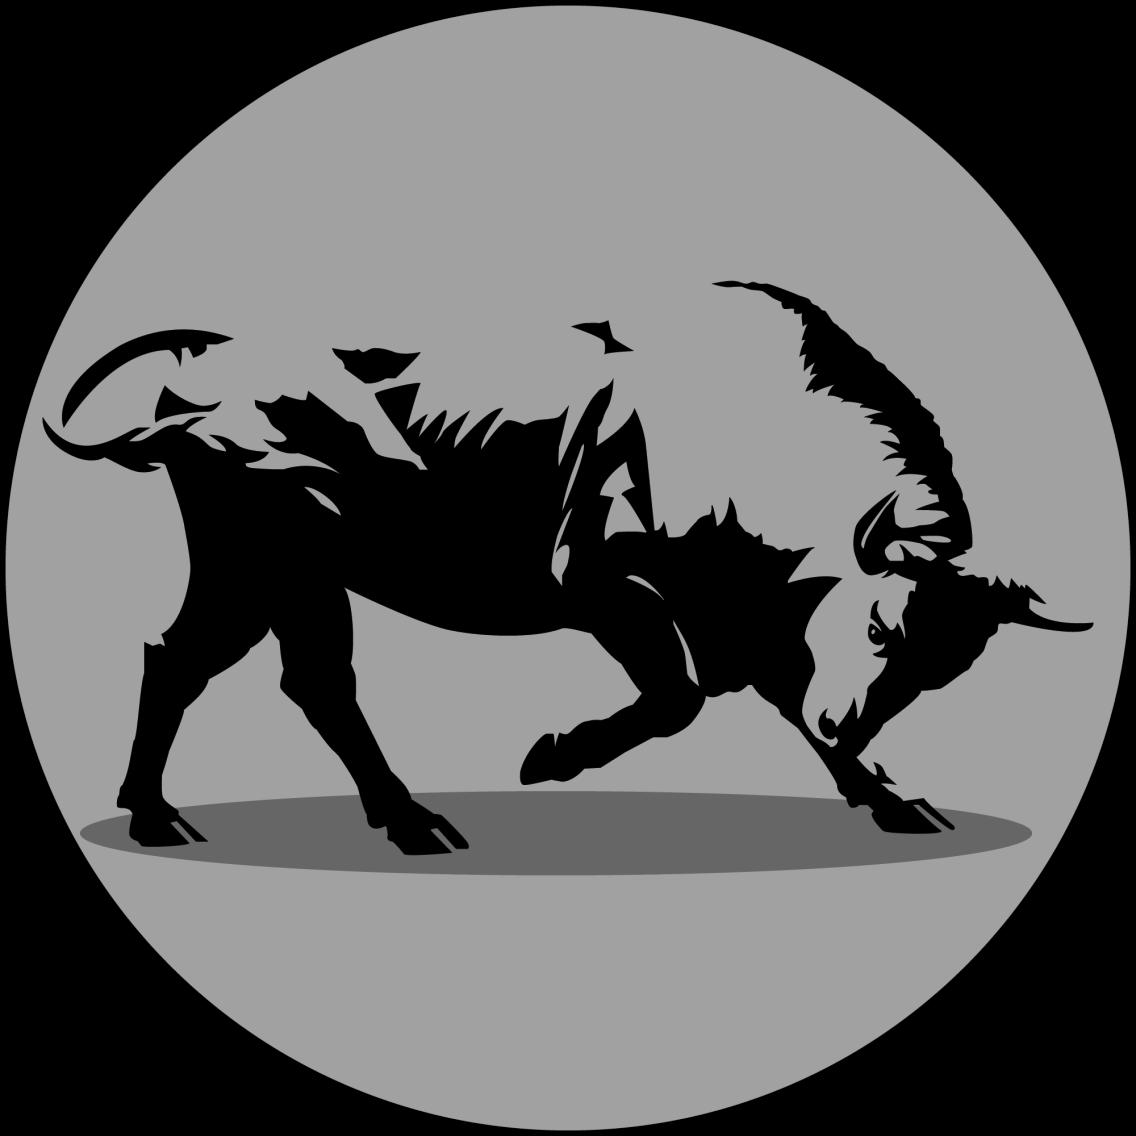 jason-b-graham-animal-icons